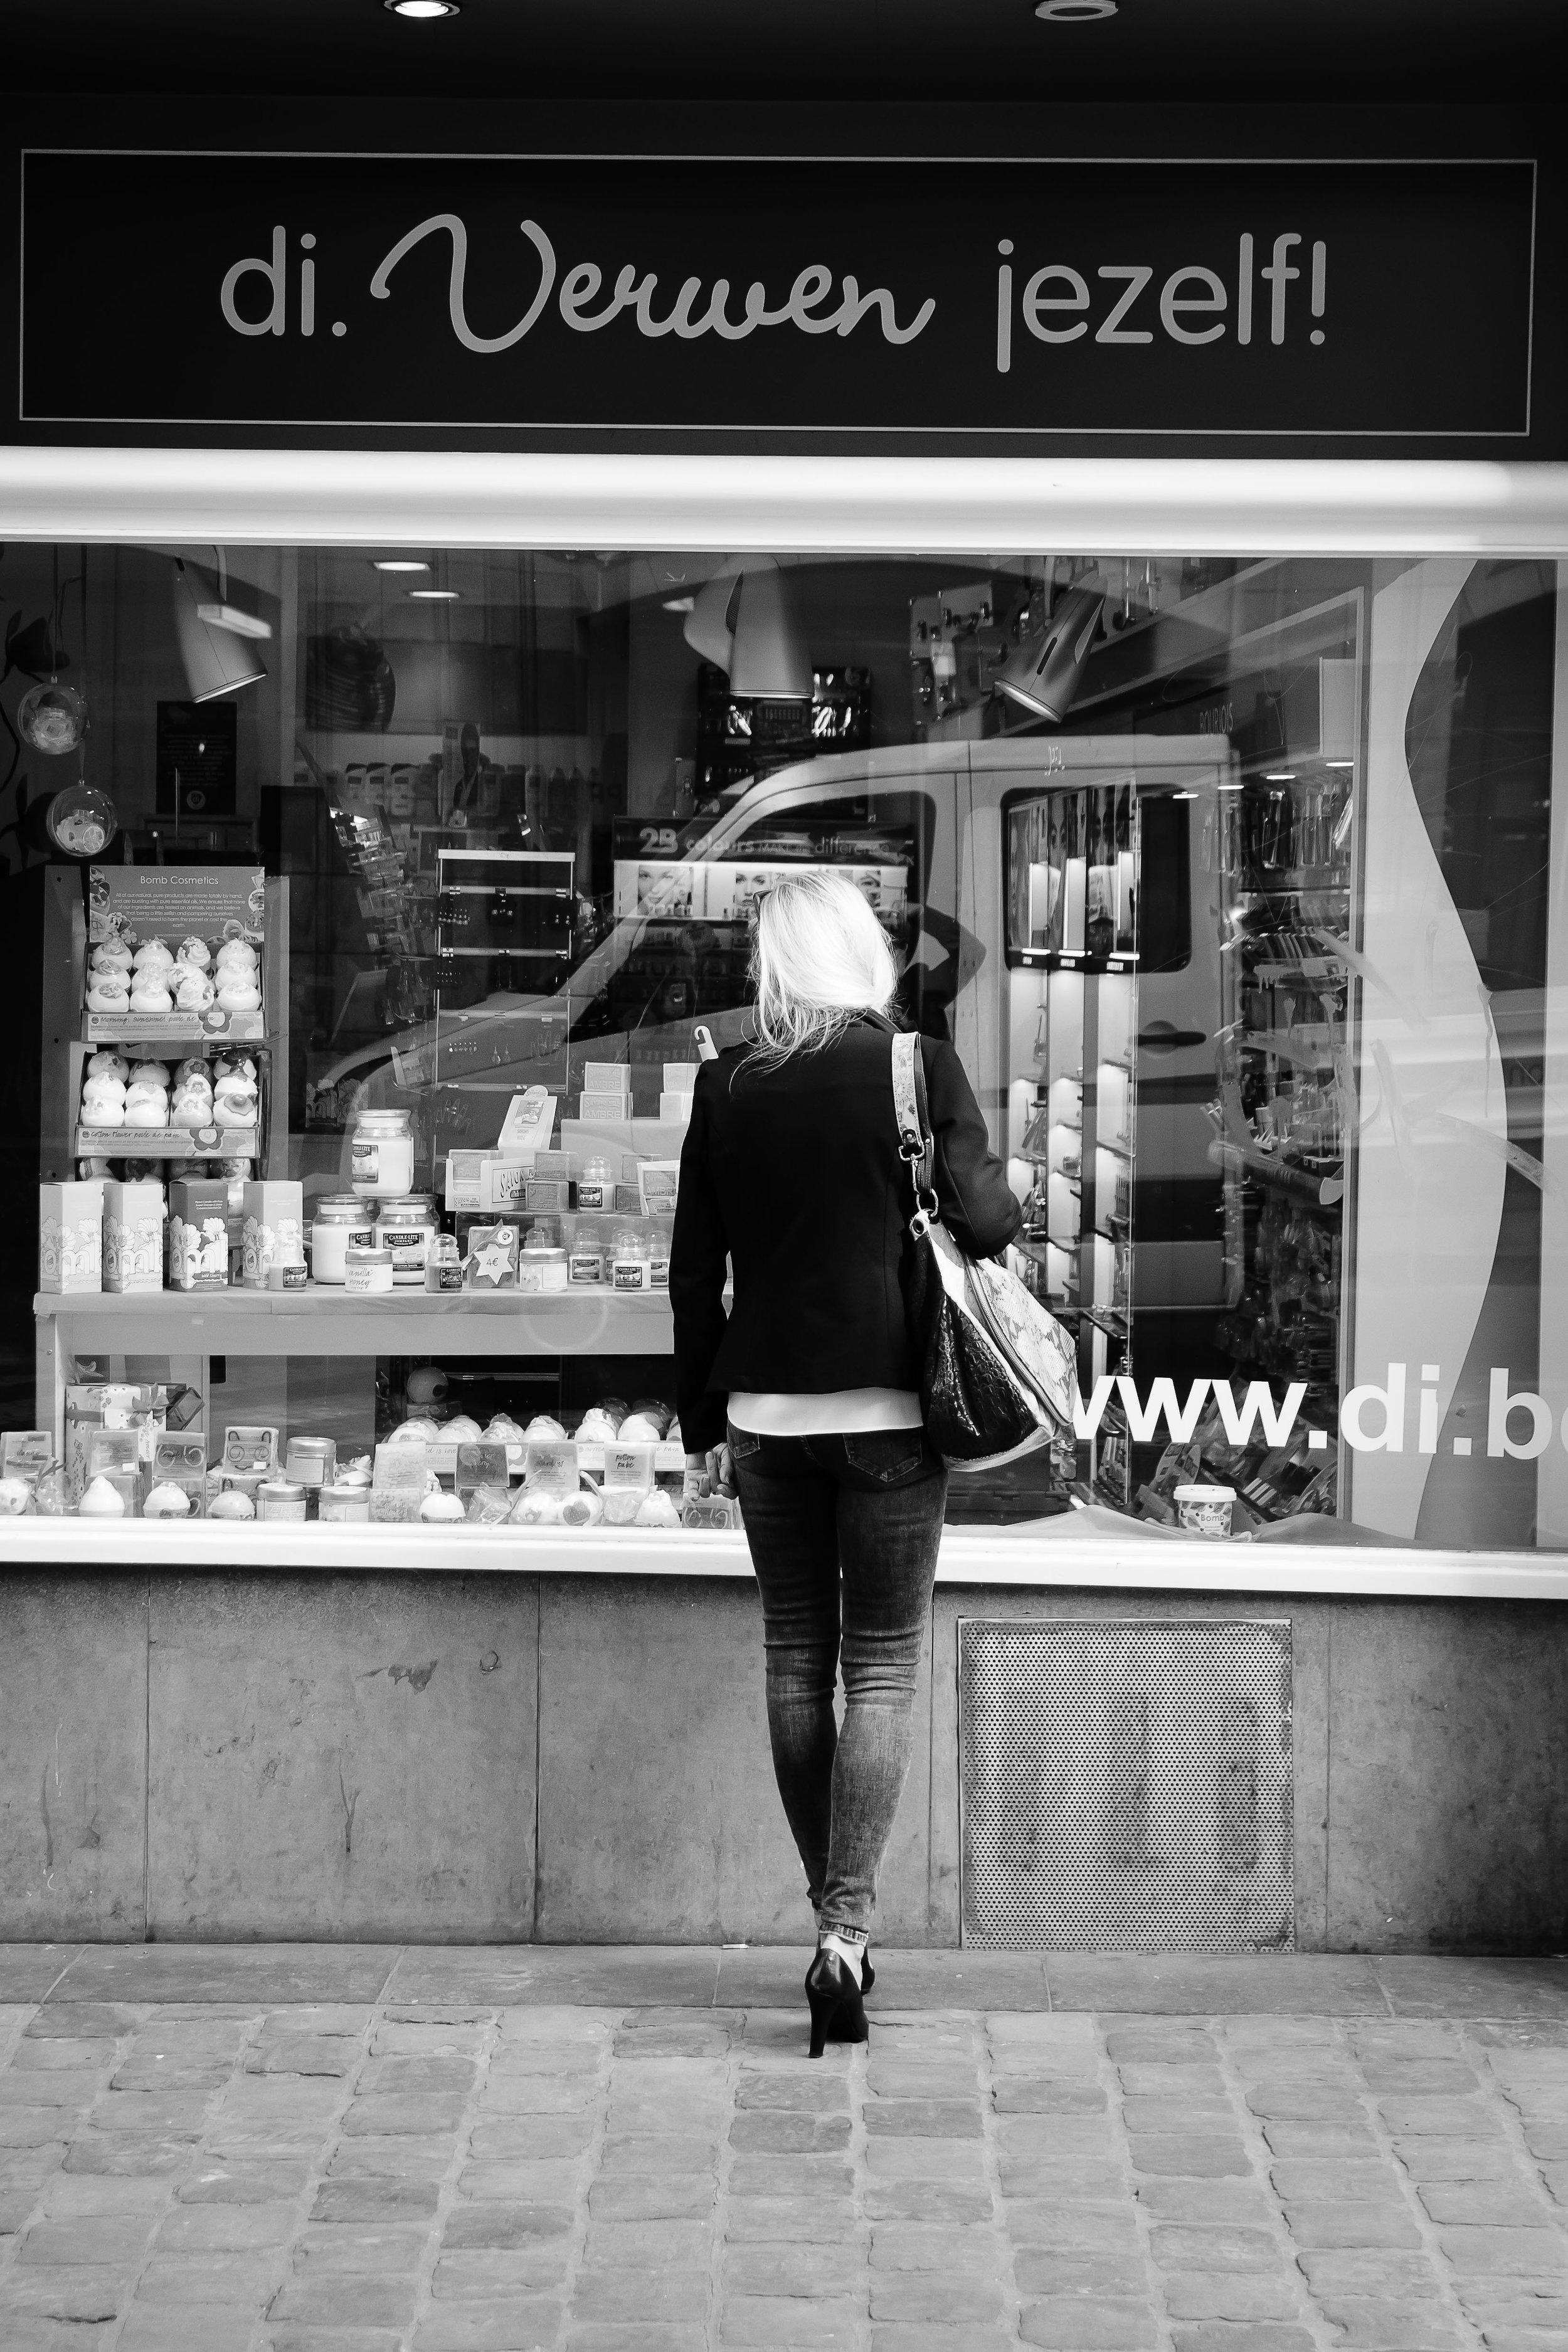 viewfinder-straatfotografie-brussel-vrouw-kiest-schoonheidsproducten-Di-drogisterij